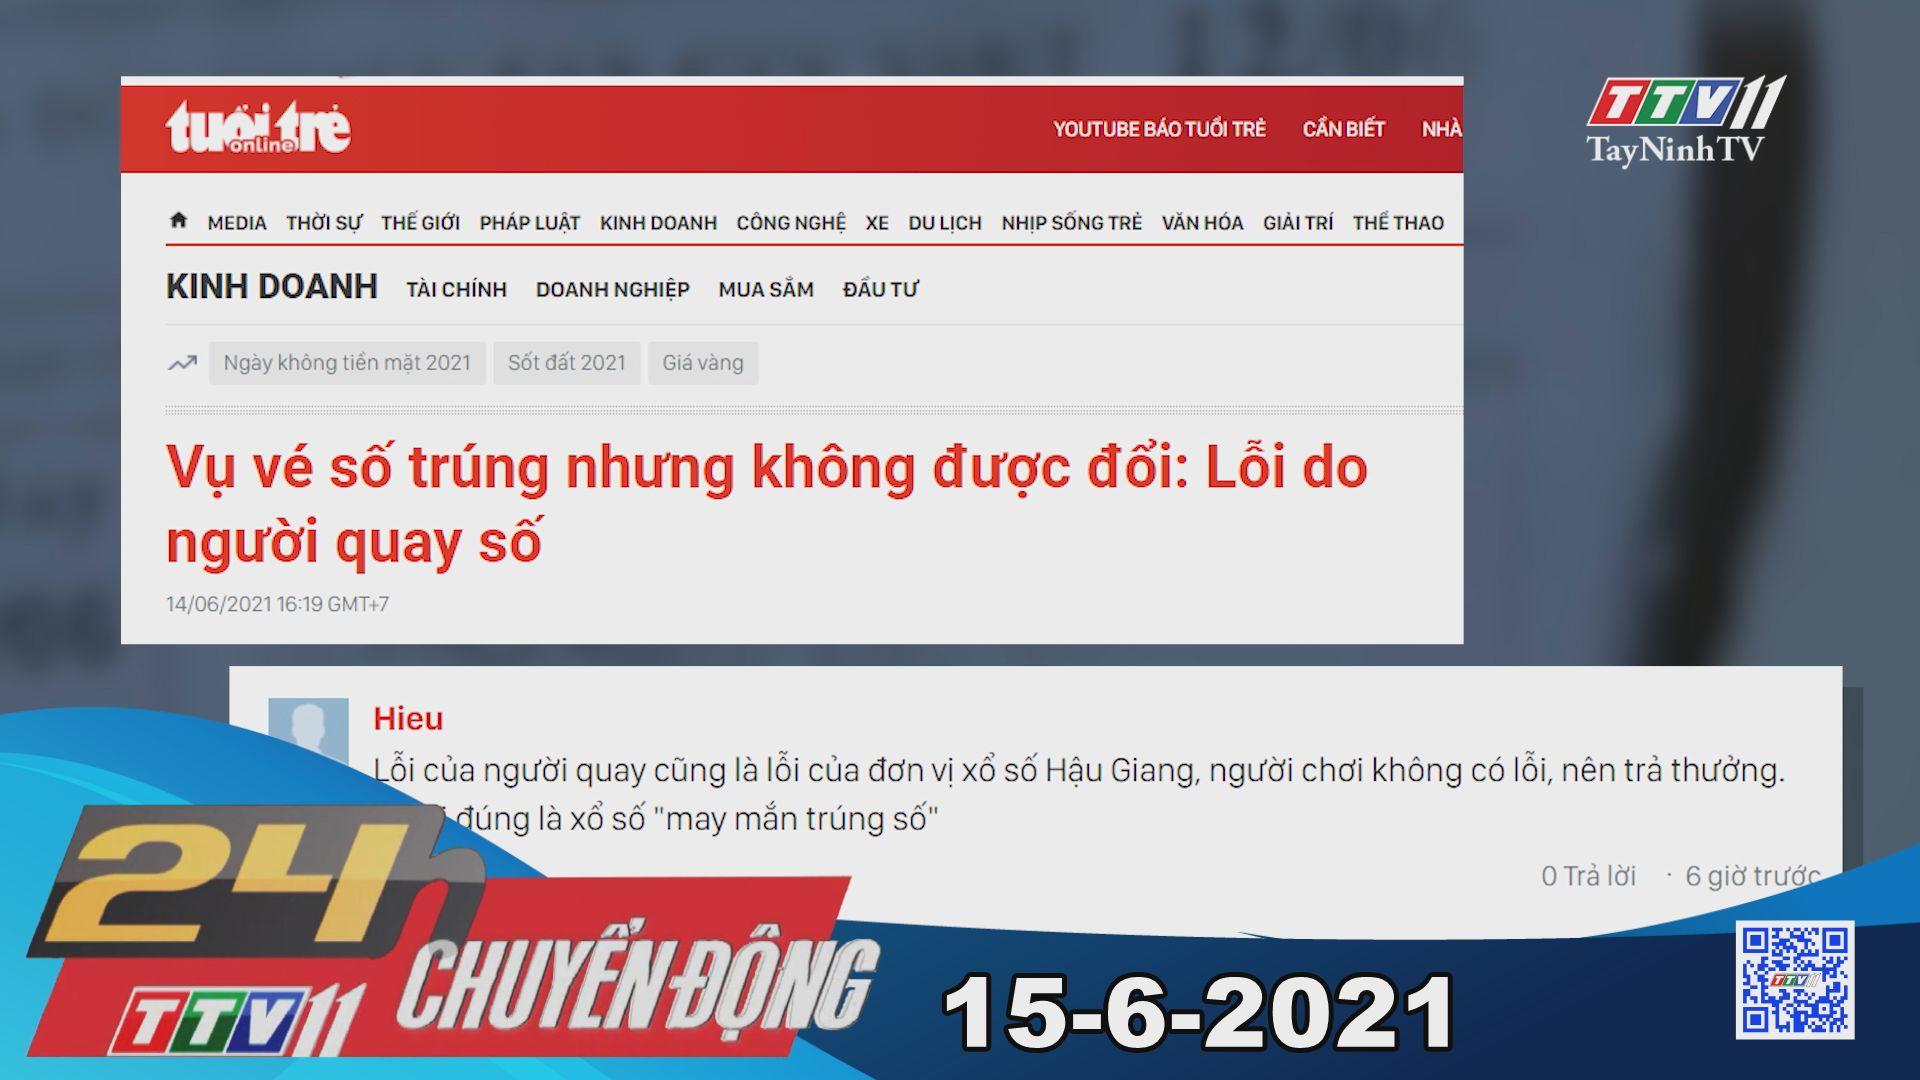 24h Chuyển động 15-6-2021 | Tin tức hôm nay | TayNinhTV